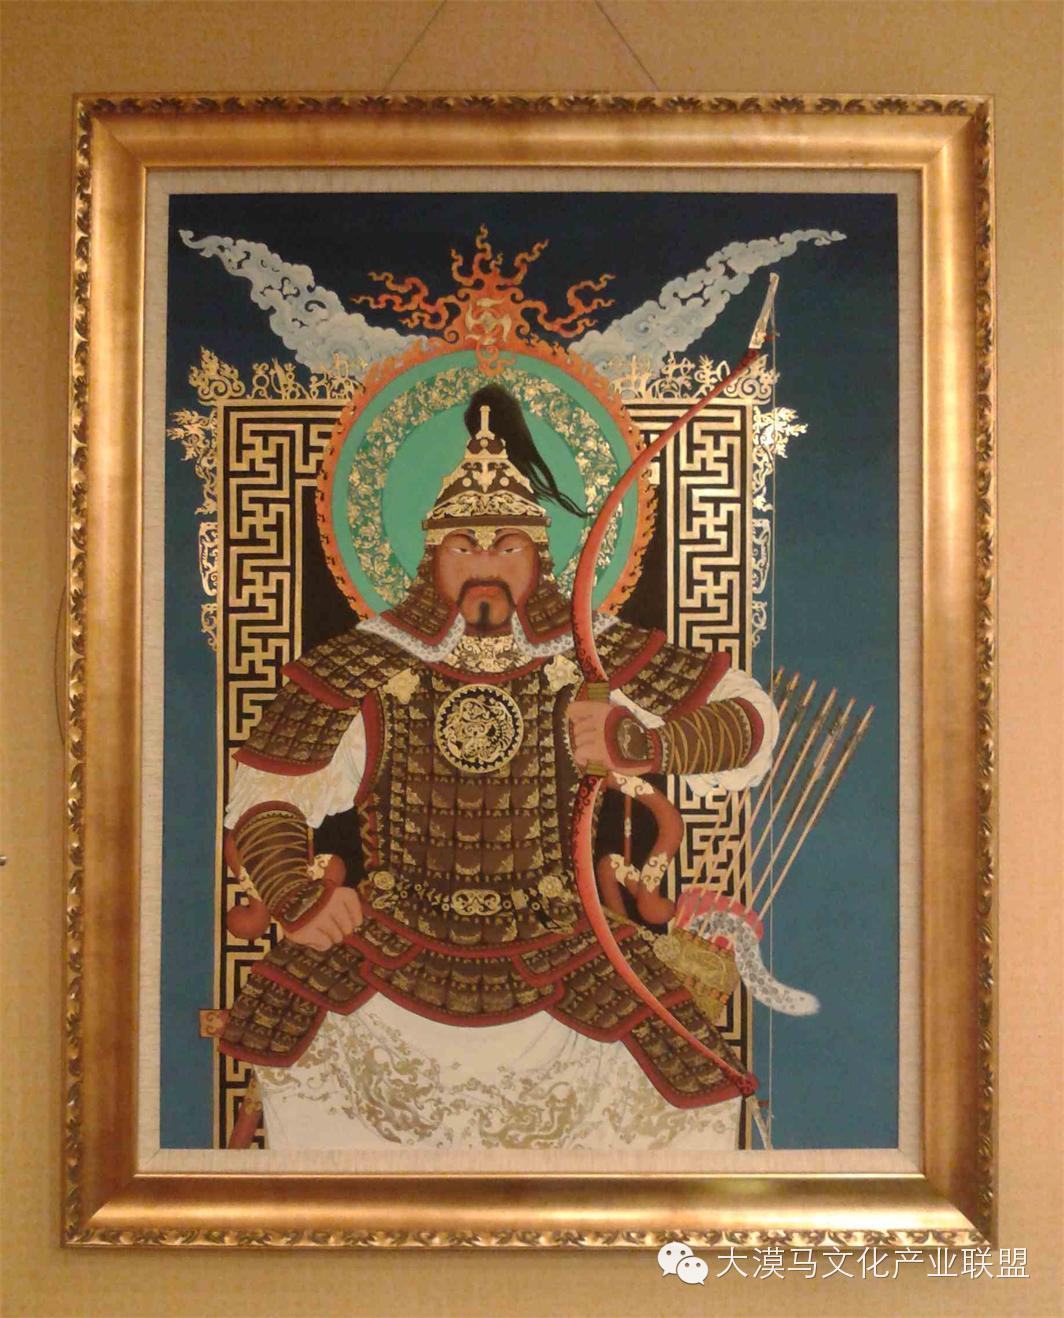 大召当代艺术中心蒙古国画家【拉·苏和巴特尔】 第4张 大召当代艺术中心蒙古国画家【拉·苏和巴特尔】 蒙古画廊